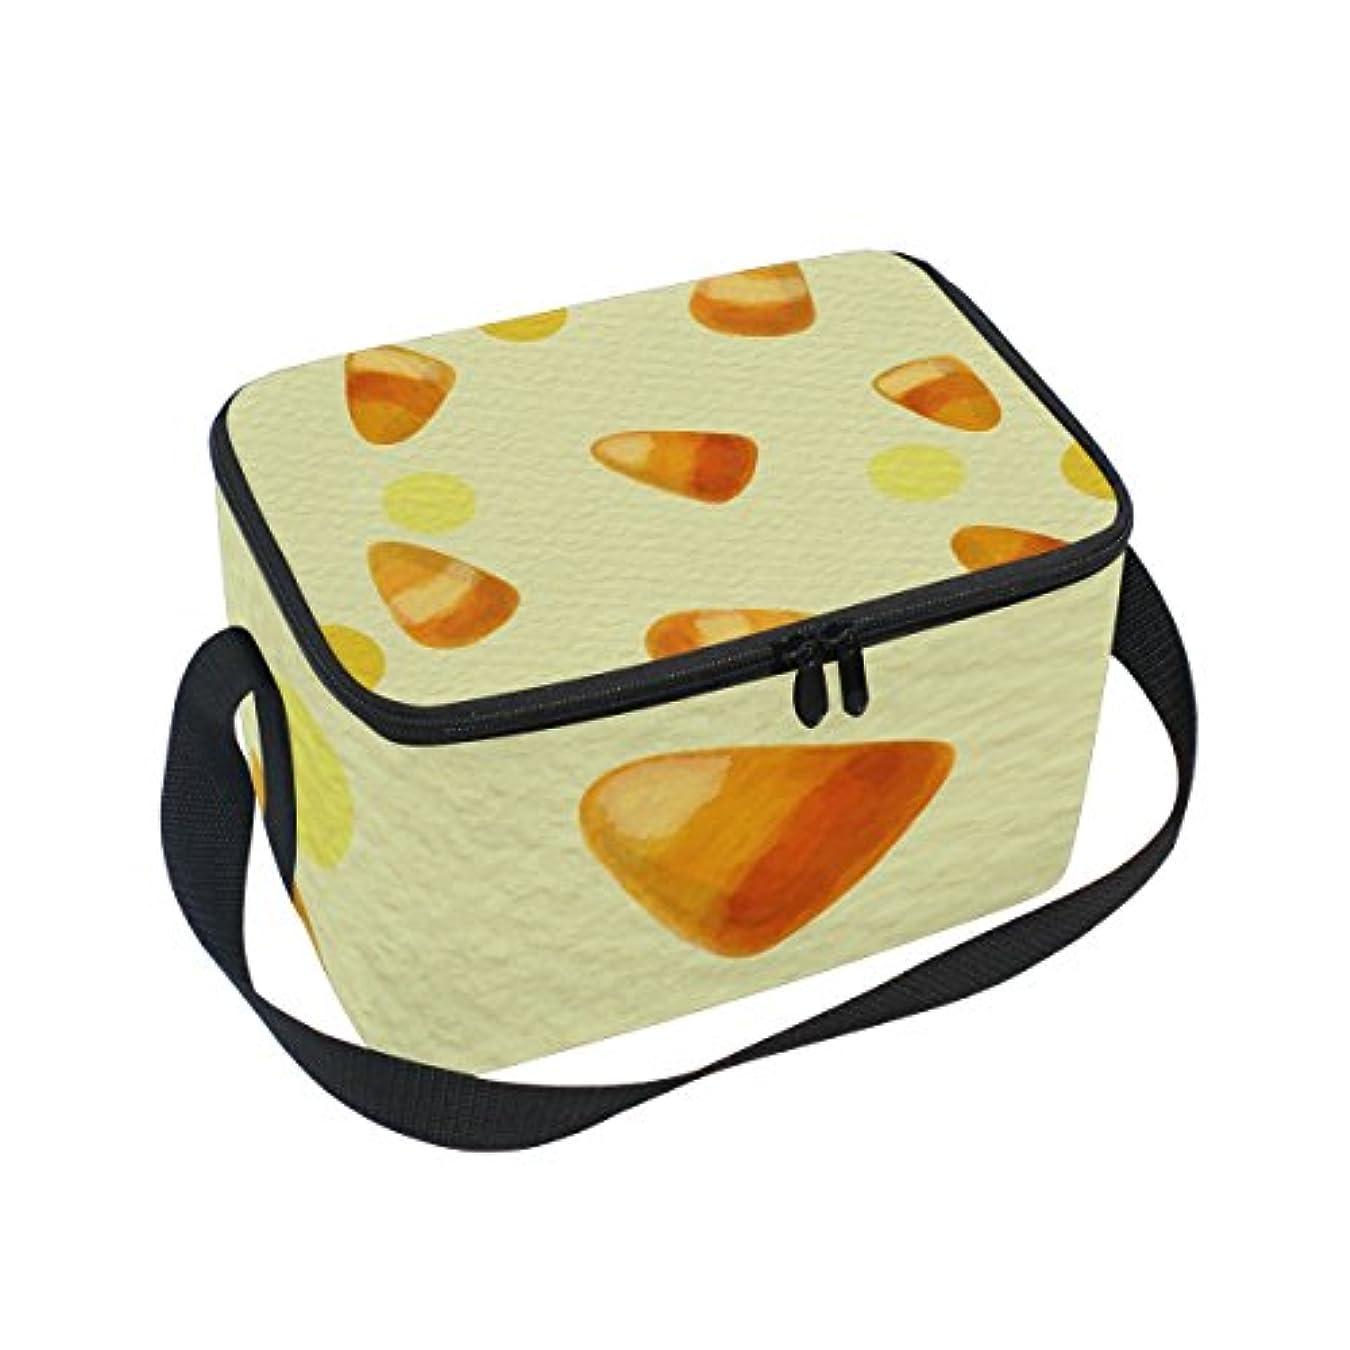 ドナー資格すり減るクーラーバッグ クーラーボックス ソフトクーラ 冷蔵ボックス キャンプ用品 グミ柄 保冷保温 大容量 肩掛け お花見 アウトドア